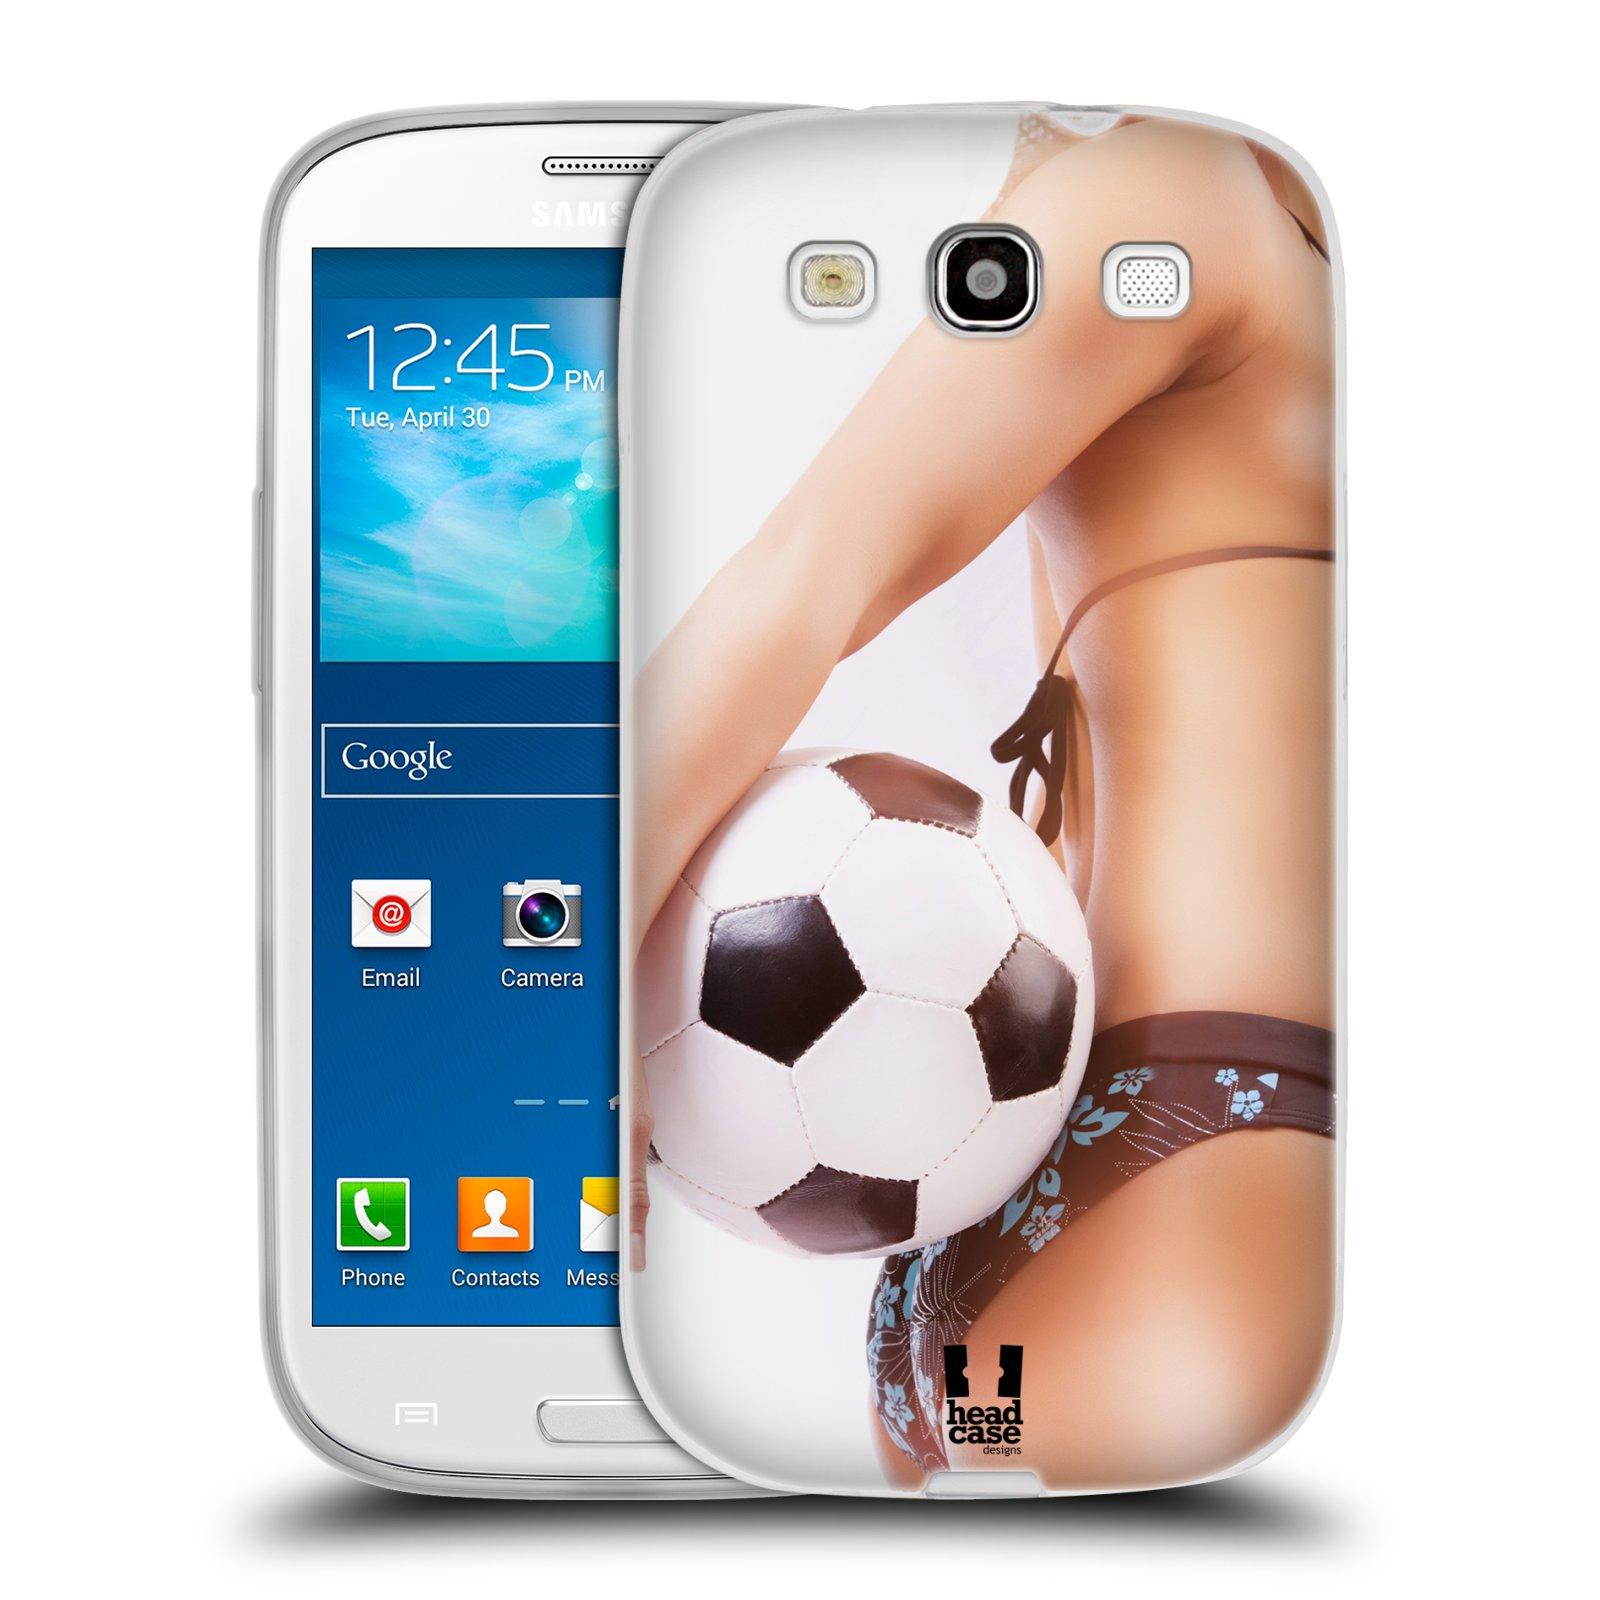 HEAD CASE silikonový obal na mobil Samsung Galaxy S3 i9300 vzor Fotbalové modelky KOPACÍ MÍČ